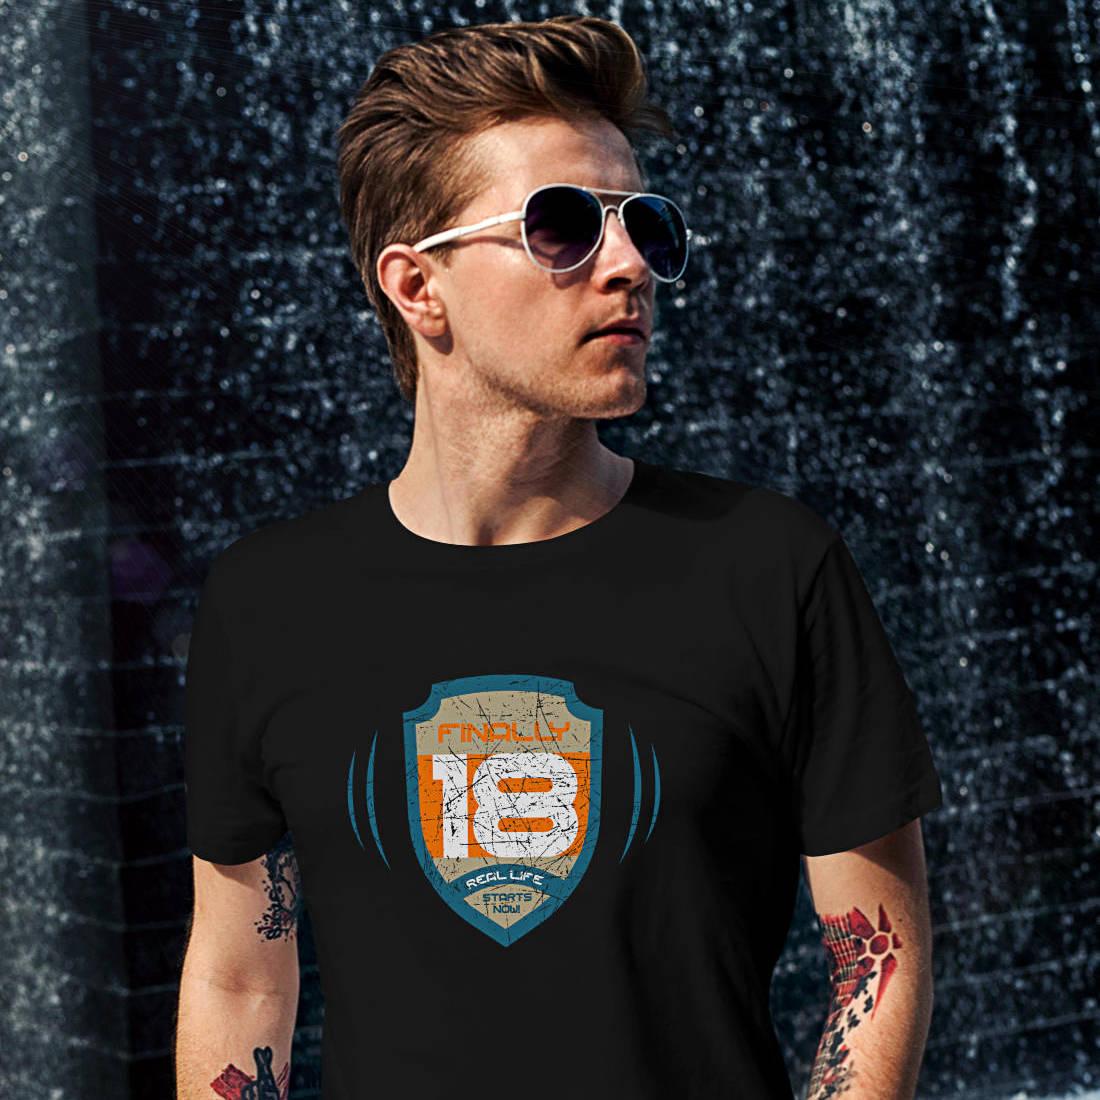 T-Shirt-18-Geburtstag-Space-Crest